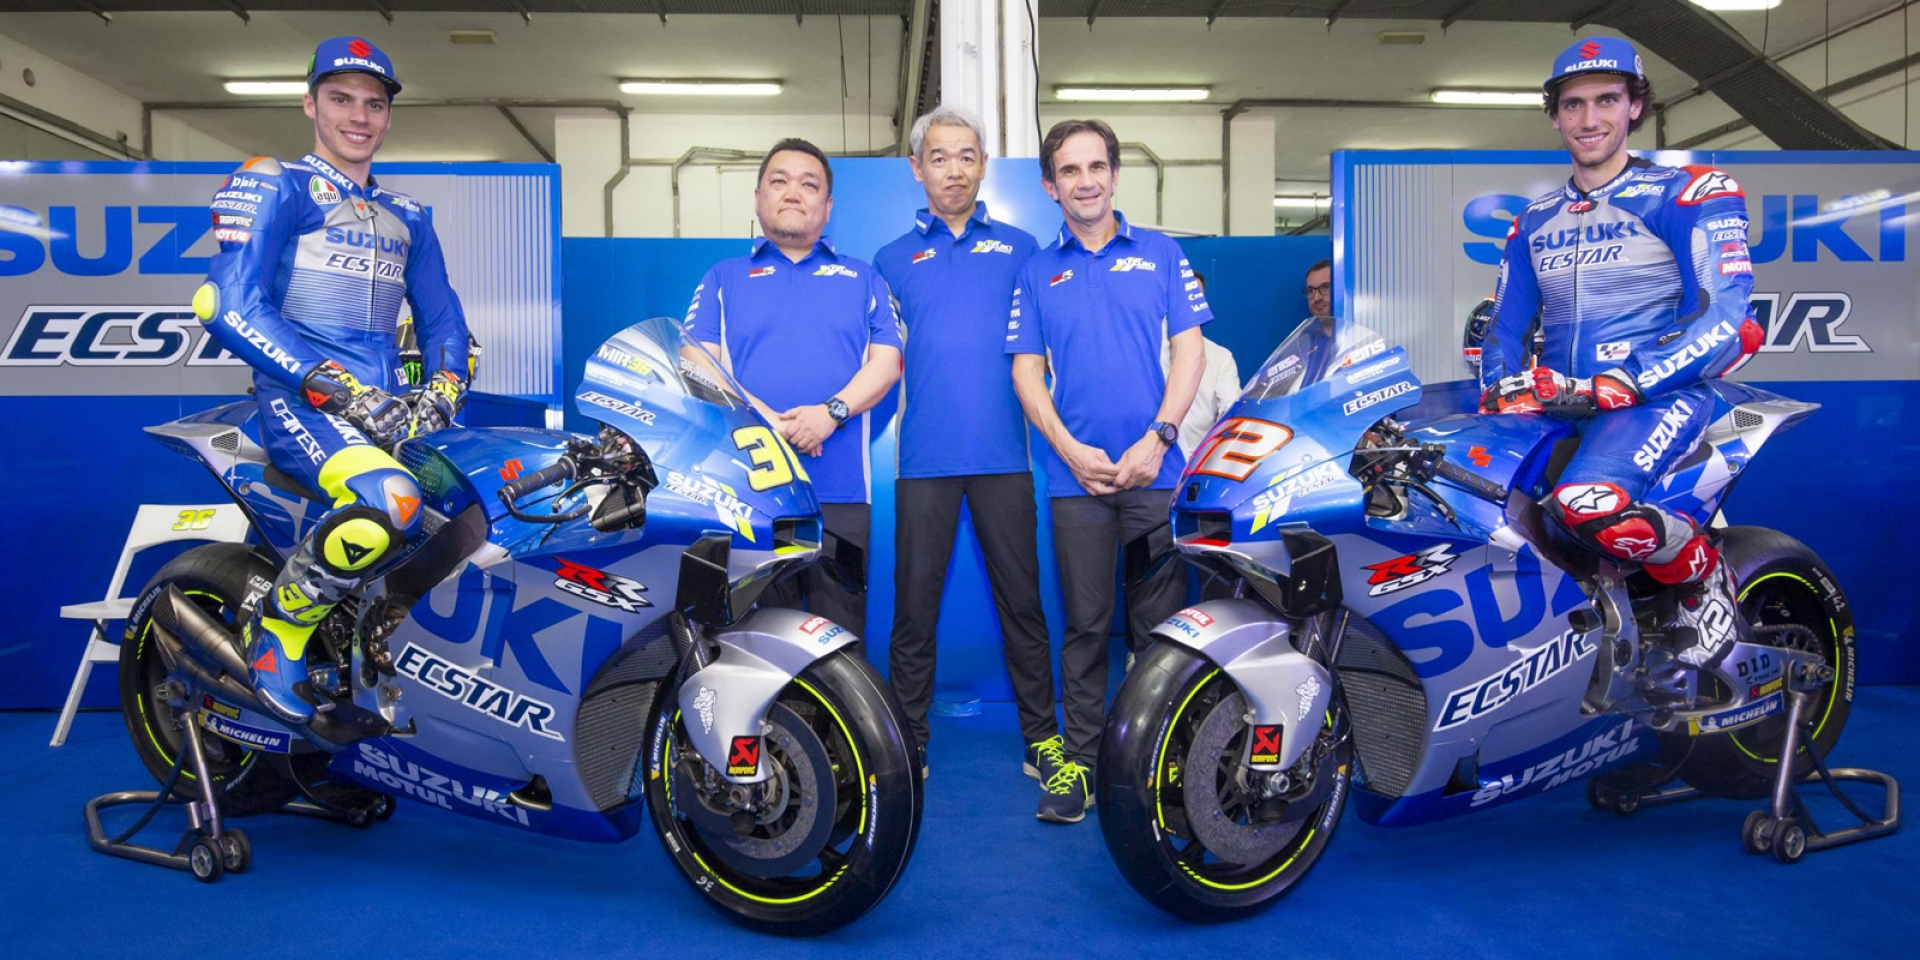 首勝的銀藍塗裝!SUZUKI Ecstar MotoGP Team 2020廠車亮相